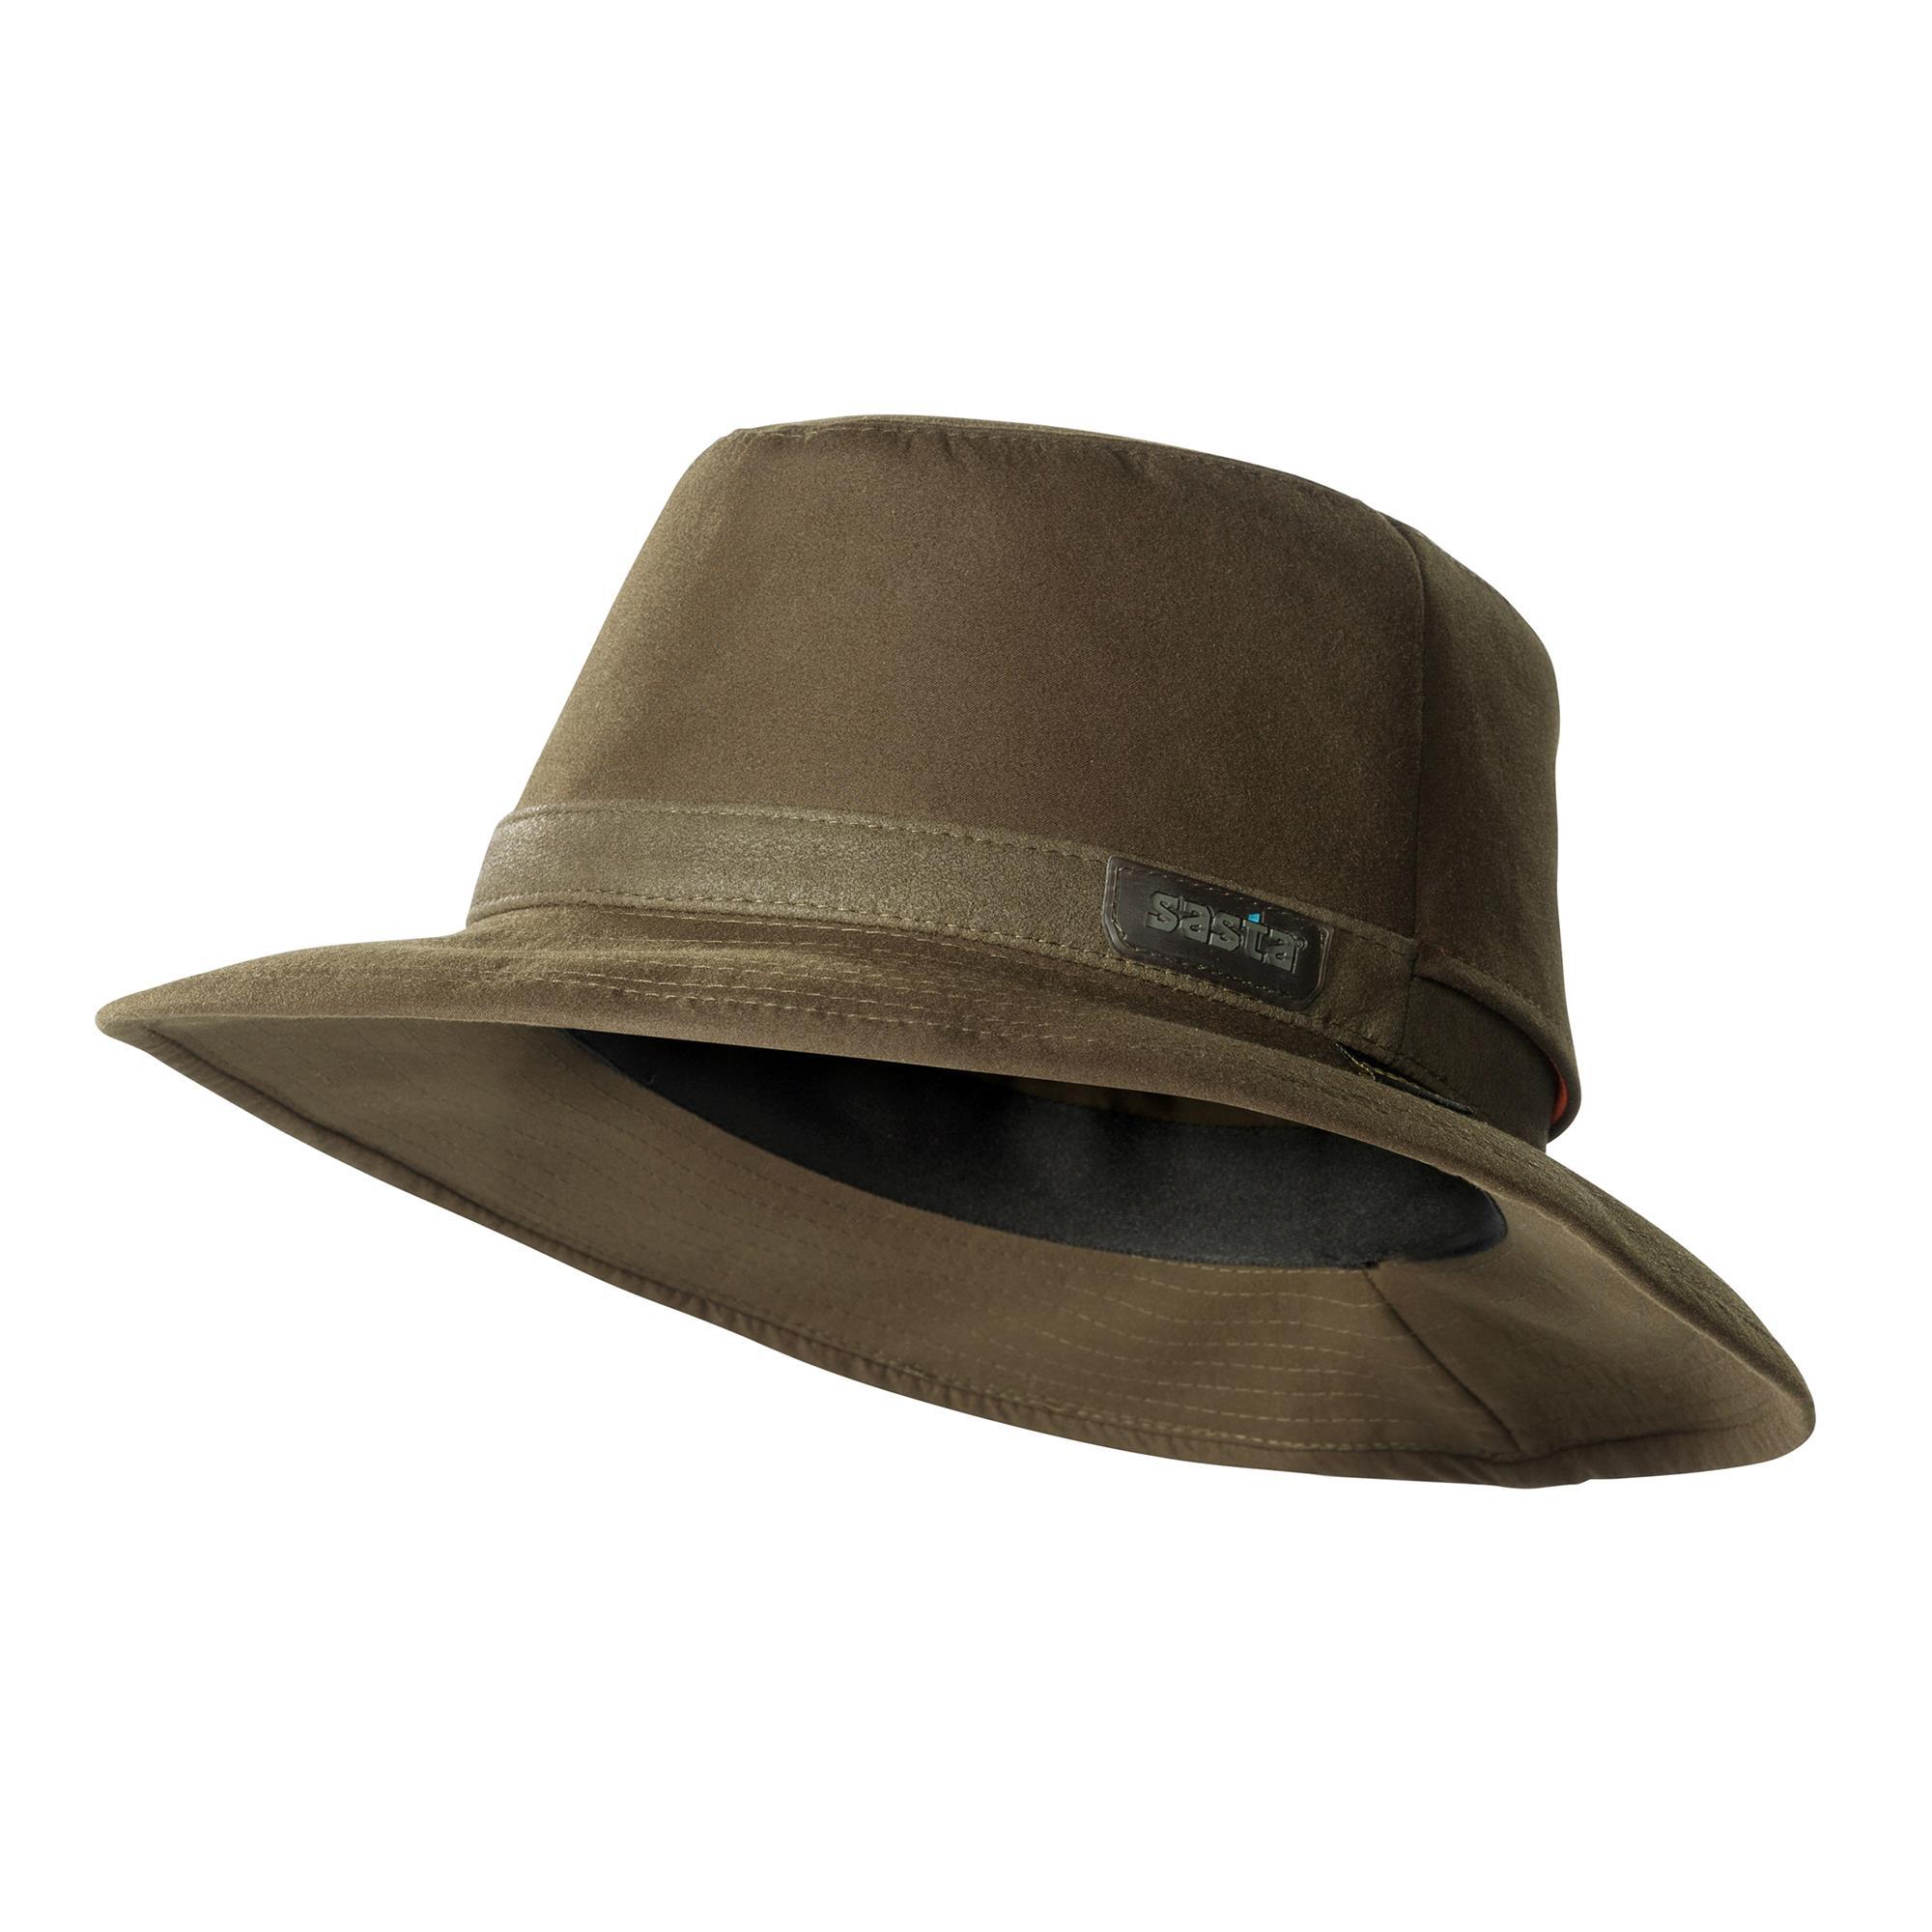 Sasta Montana Hatt